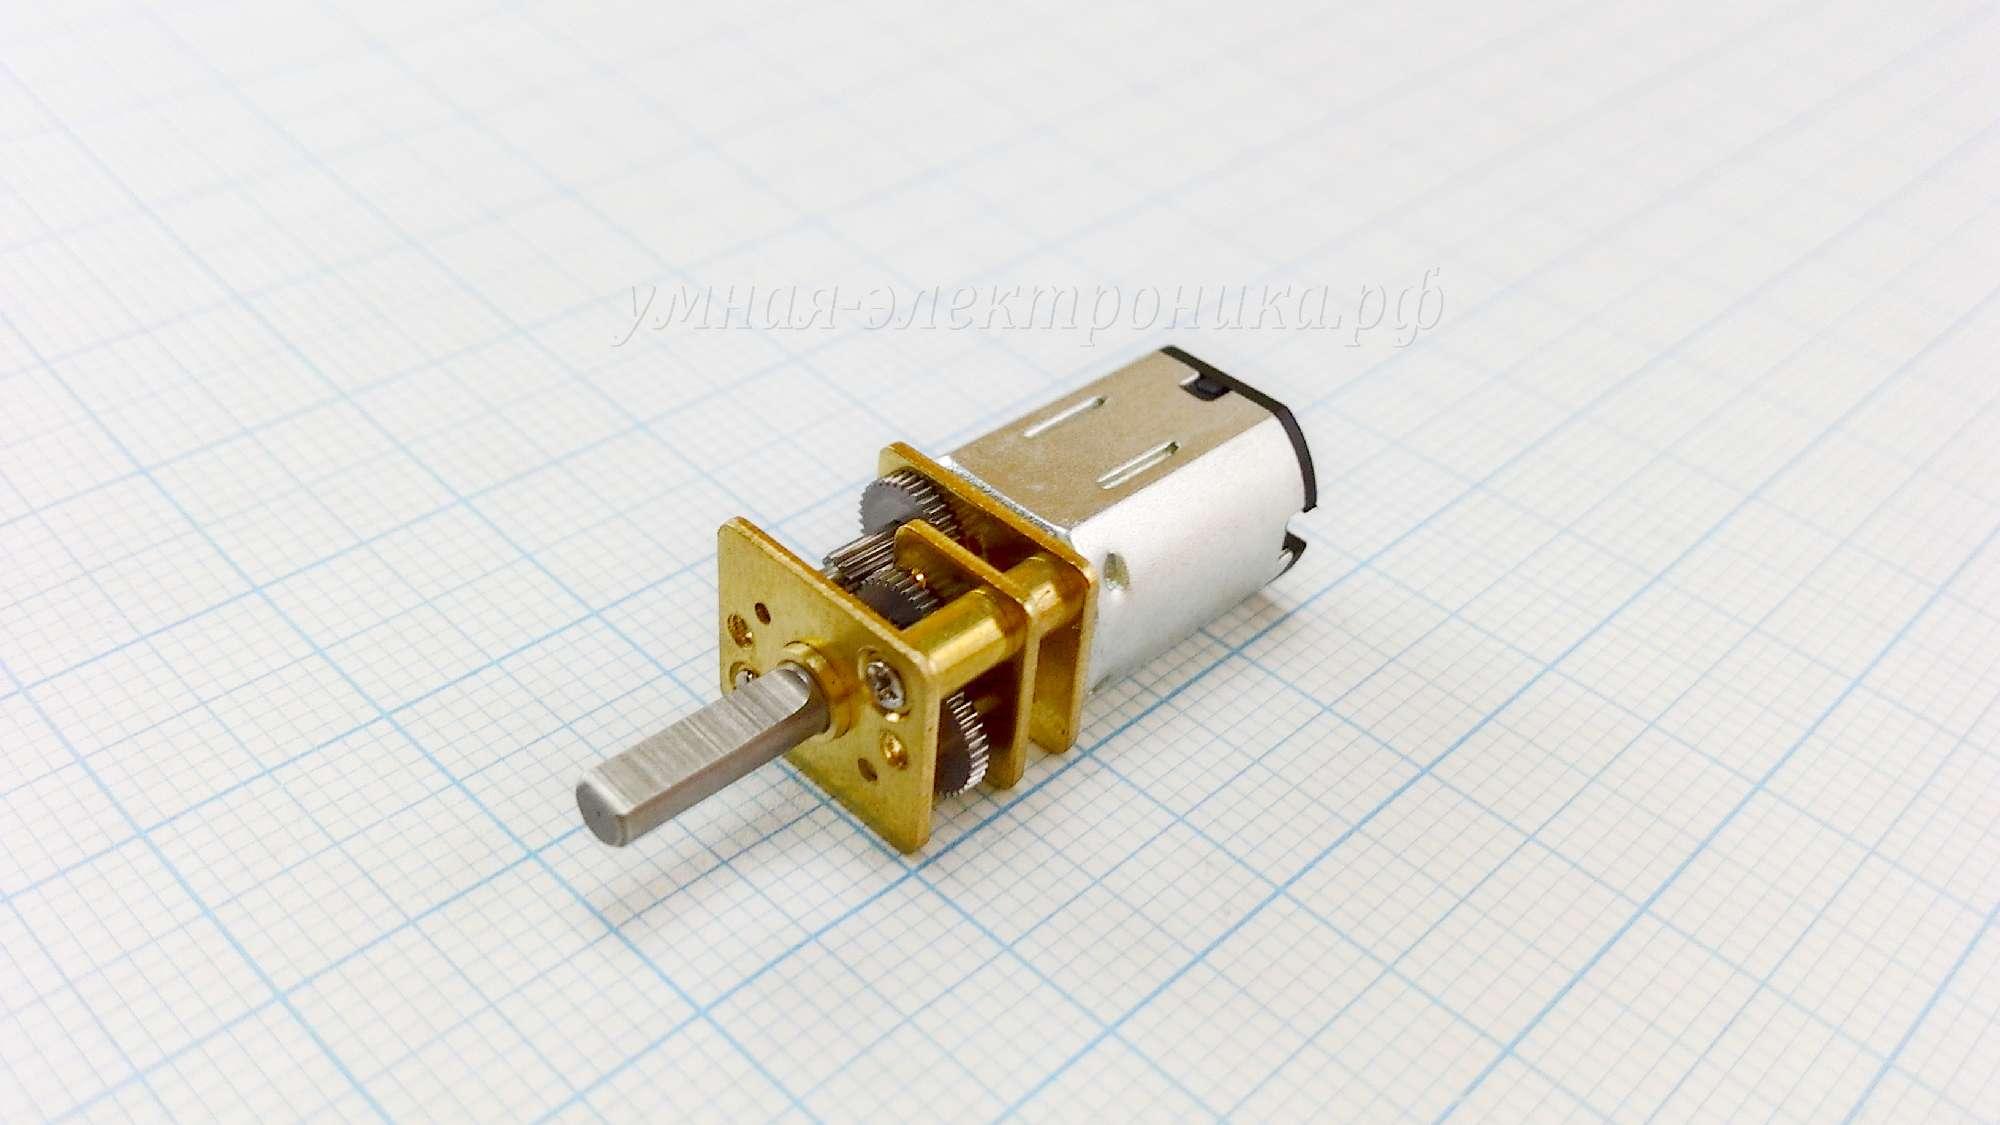 Мотор-редуктор GA12-N20 3-12V 250-1000 RPM 0.56-2.4 kg/cm 11.4Ω 1:30